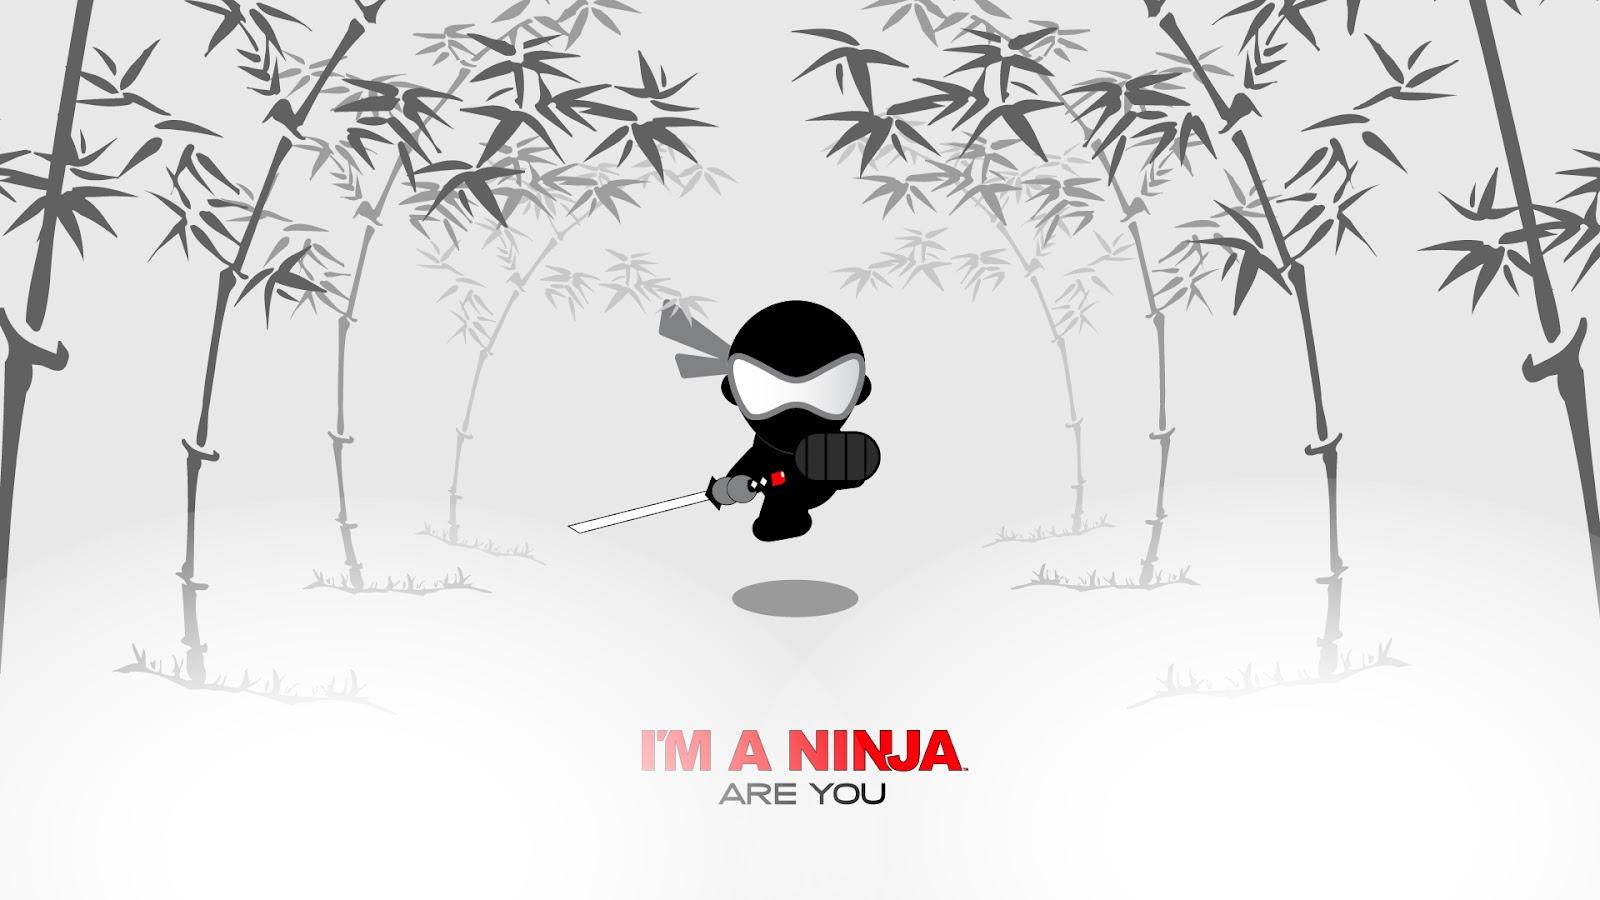 http://3.bp.blogspot.com/-g20vmNwA39M/T0YDmJJJ3JI/AAAAAAAABzI/fBj2YsFuCWk/s1600/One+Genkai+-+I%2527m+a+Ninja+-+I%2527m+a+Ninja+in+a+forest_HD.jpg